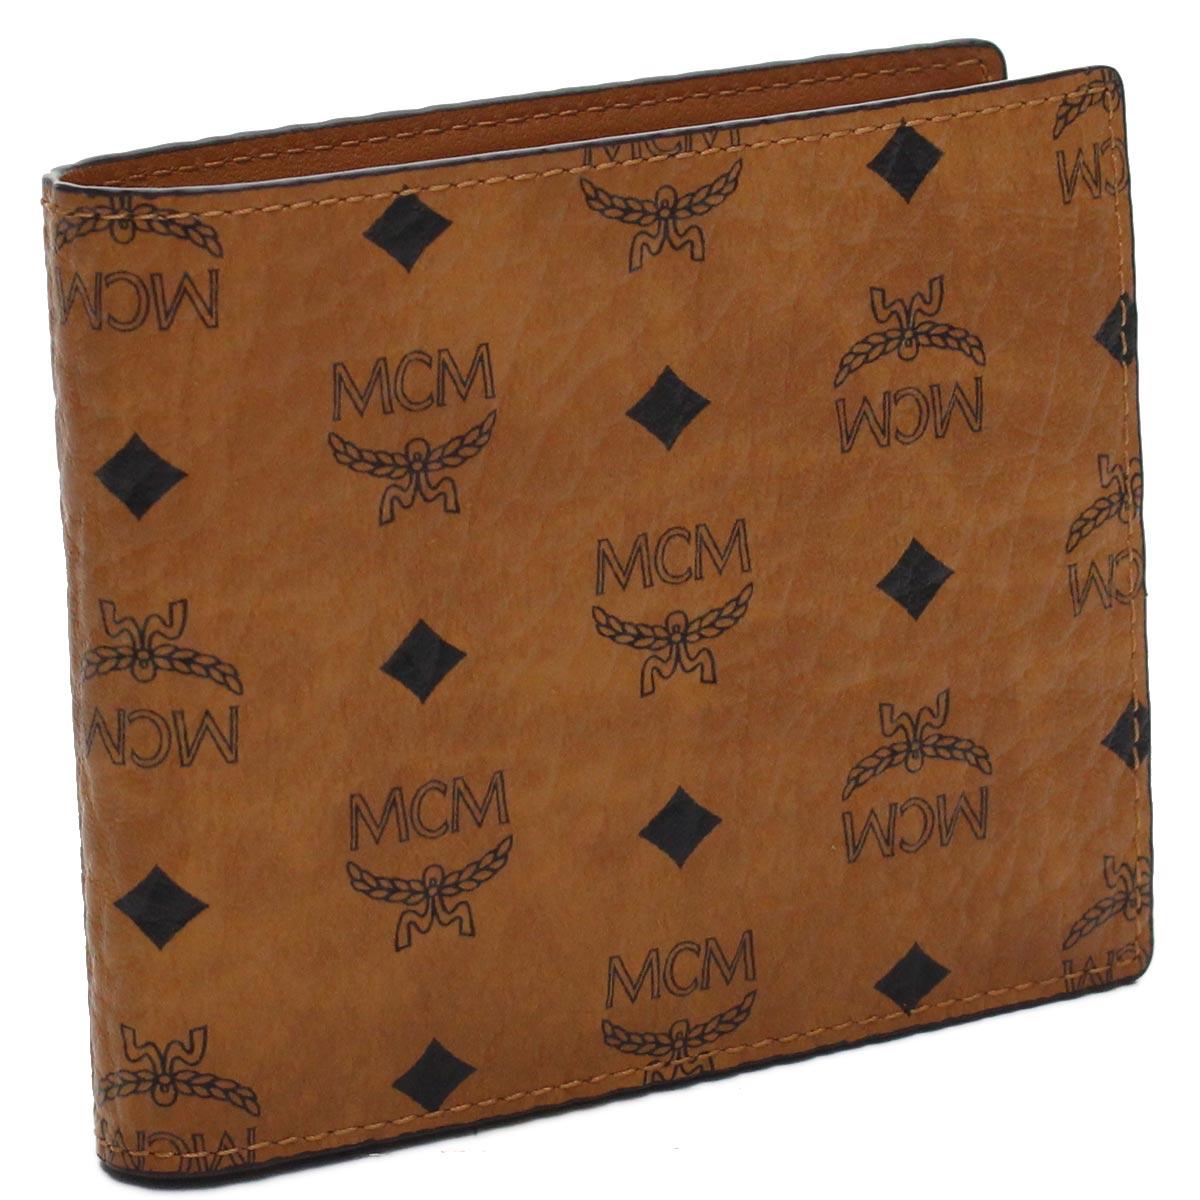 エムシーエム MCM 2つ折り財布 MXS8SVI66 CO001 ブラウン系 メンズ レディース